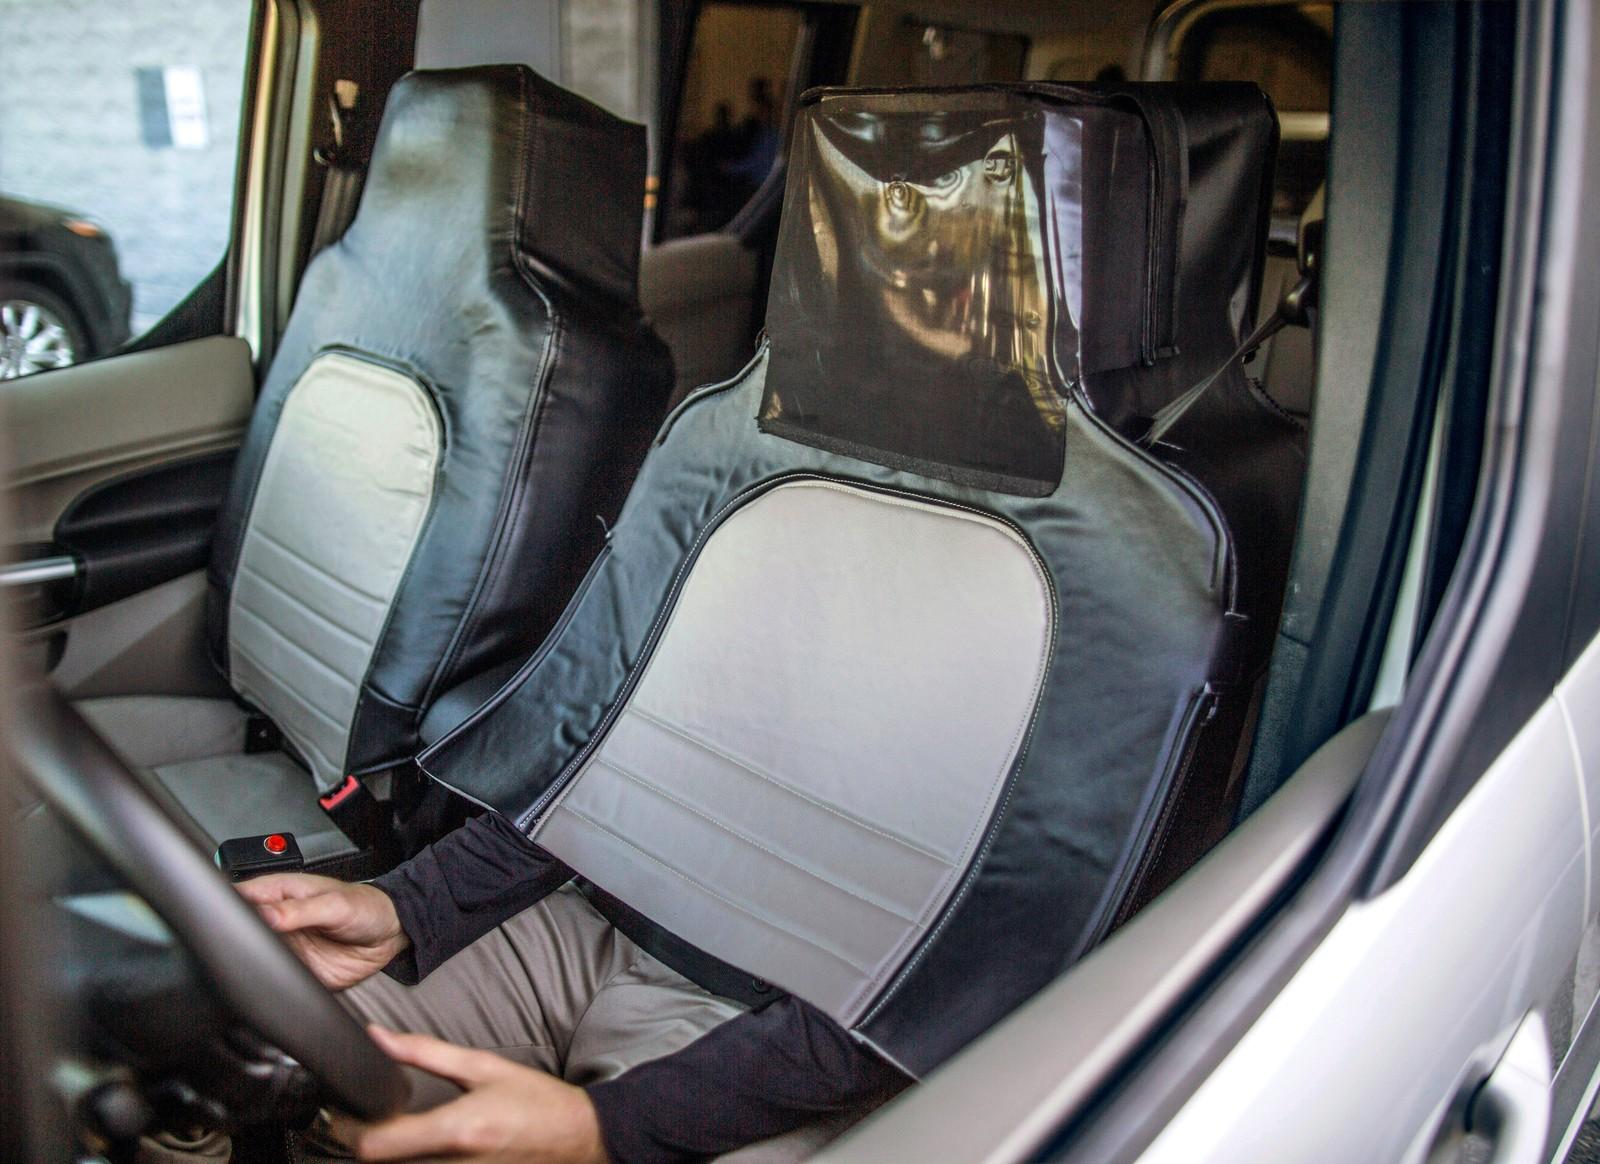 Forkledd sjåfør. Ford og Virginia Tech ville se hvordan fotgjengere reagerte på forskjellige lyssignaler som sa noe om når bilen, for eksempel. kom til å stoppe eller akselerere.